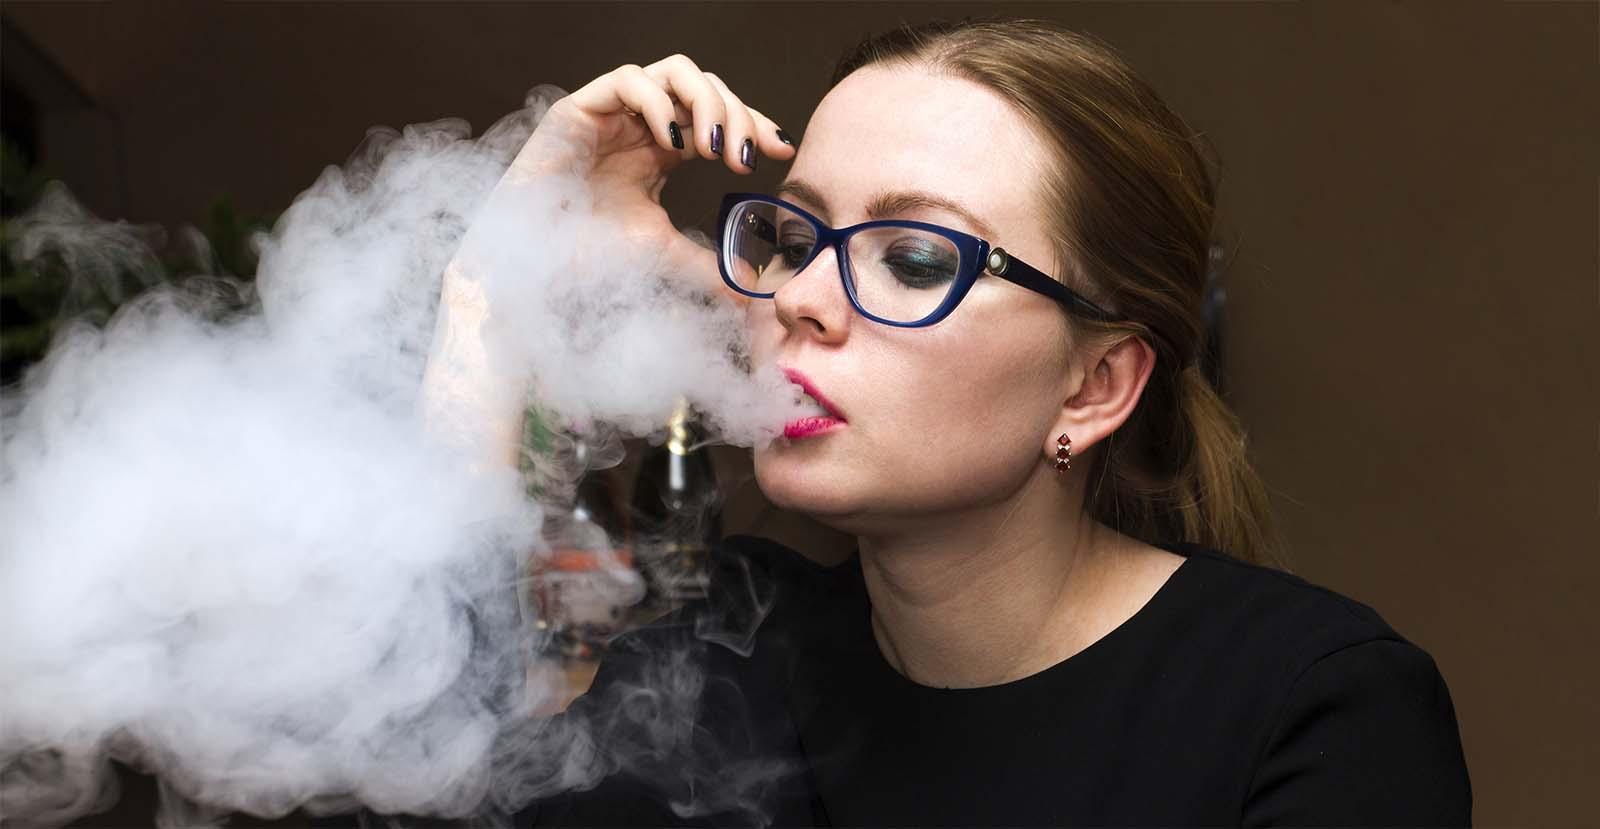 Liquidi sigaretta elettronica Viale Teodorico Milano - ✅ per svapare in tranquillità prodotti di qualità scegli chi da anni è nel mondo dello svapo!